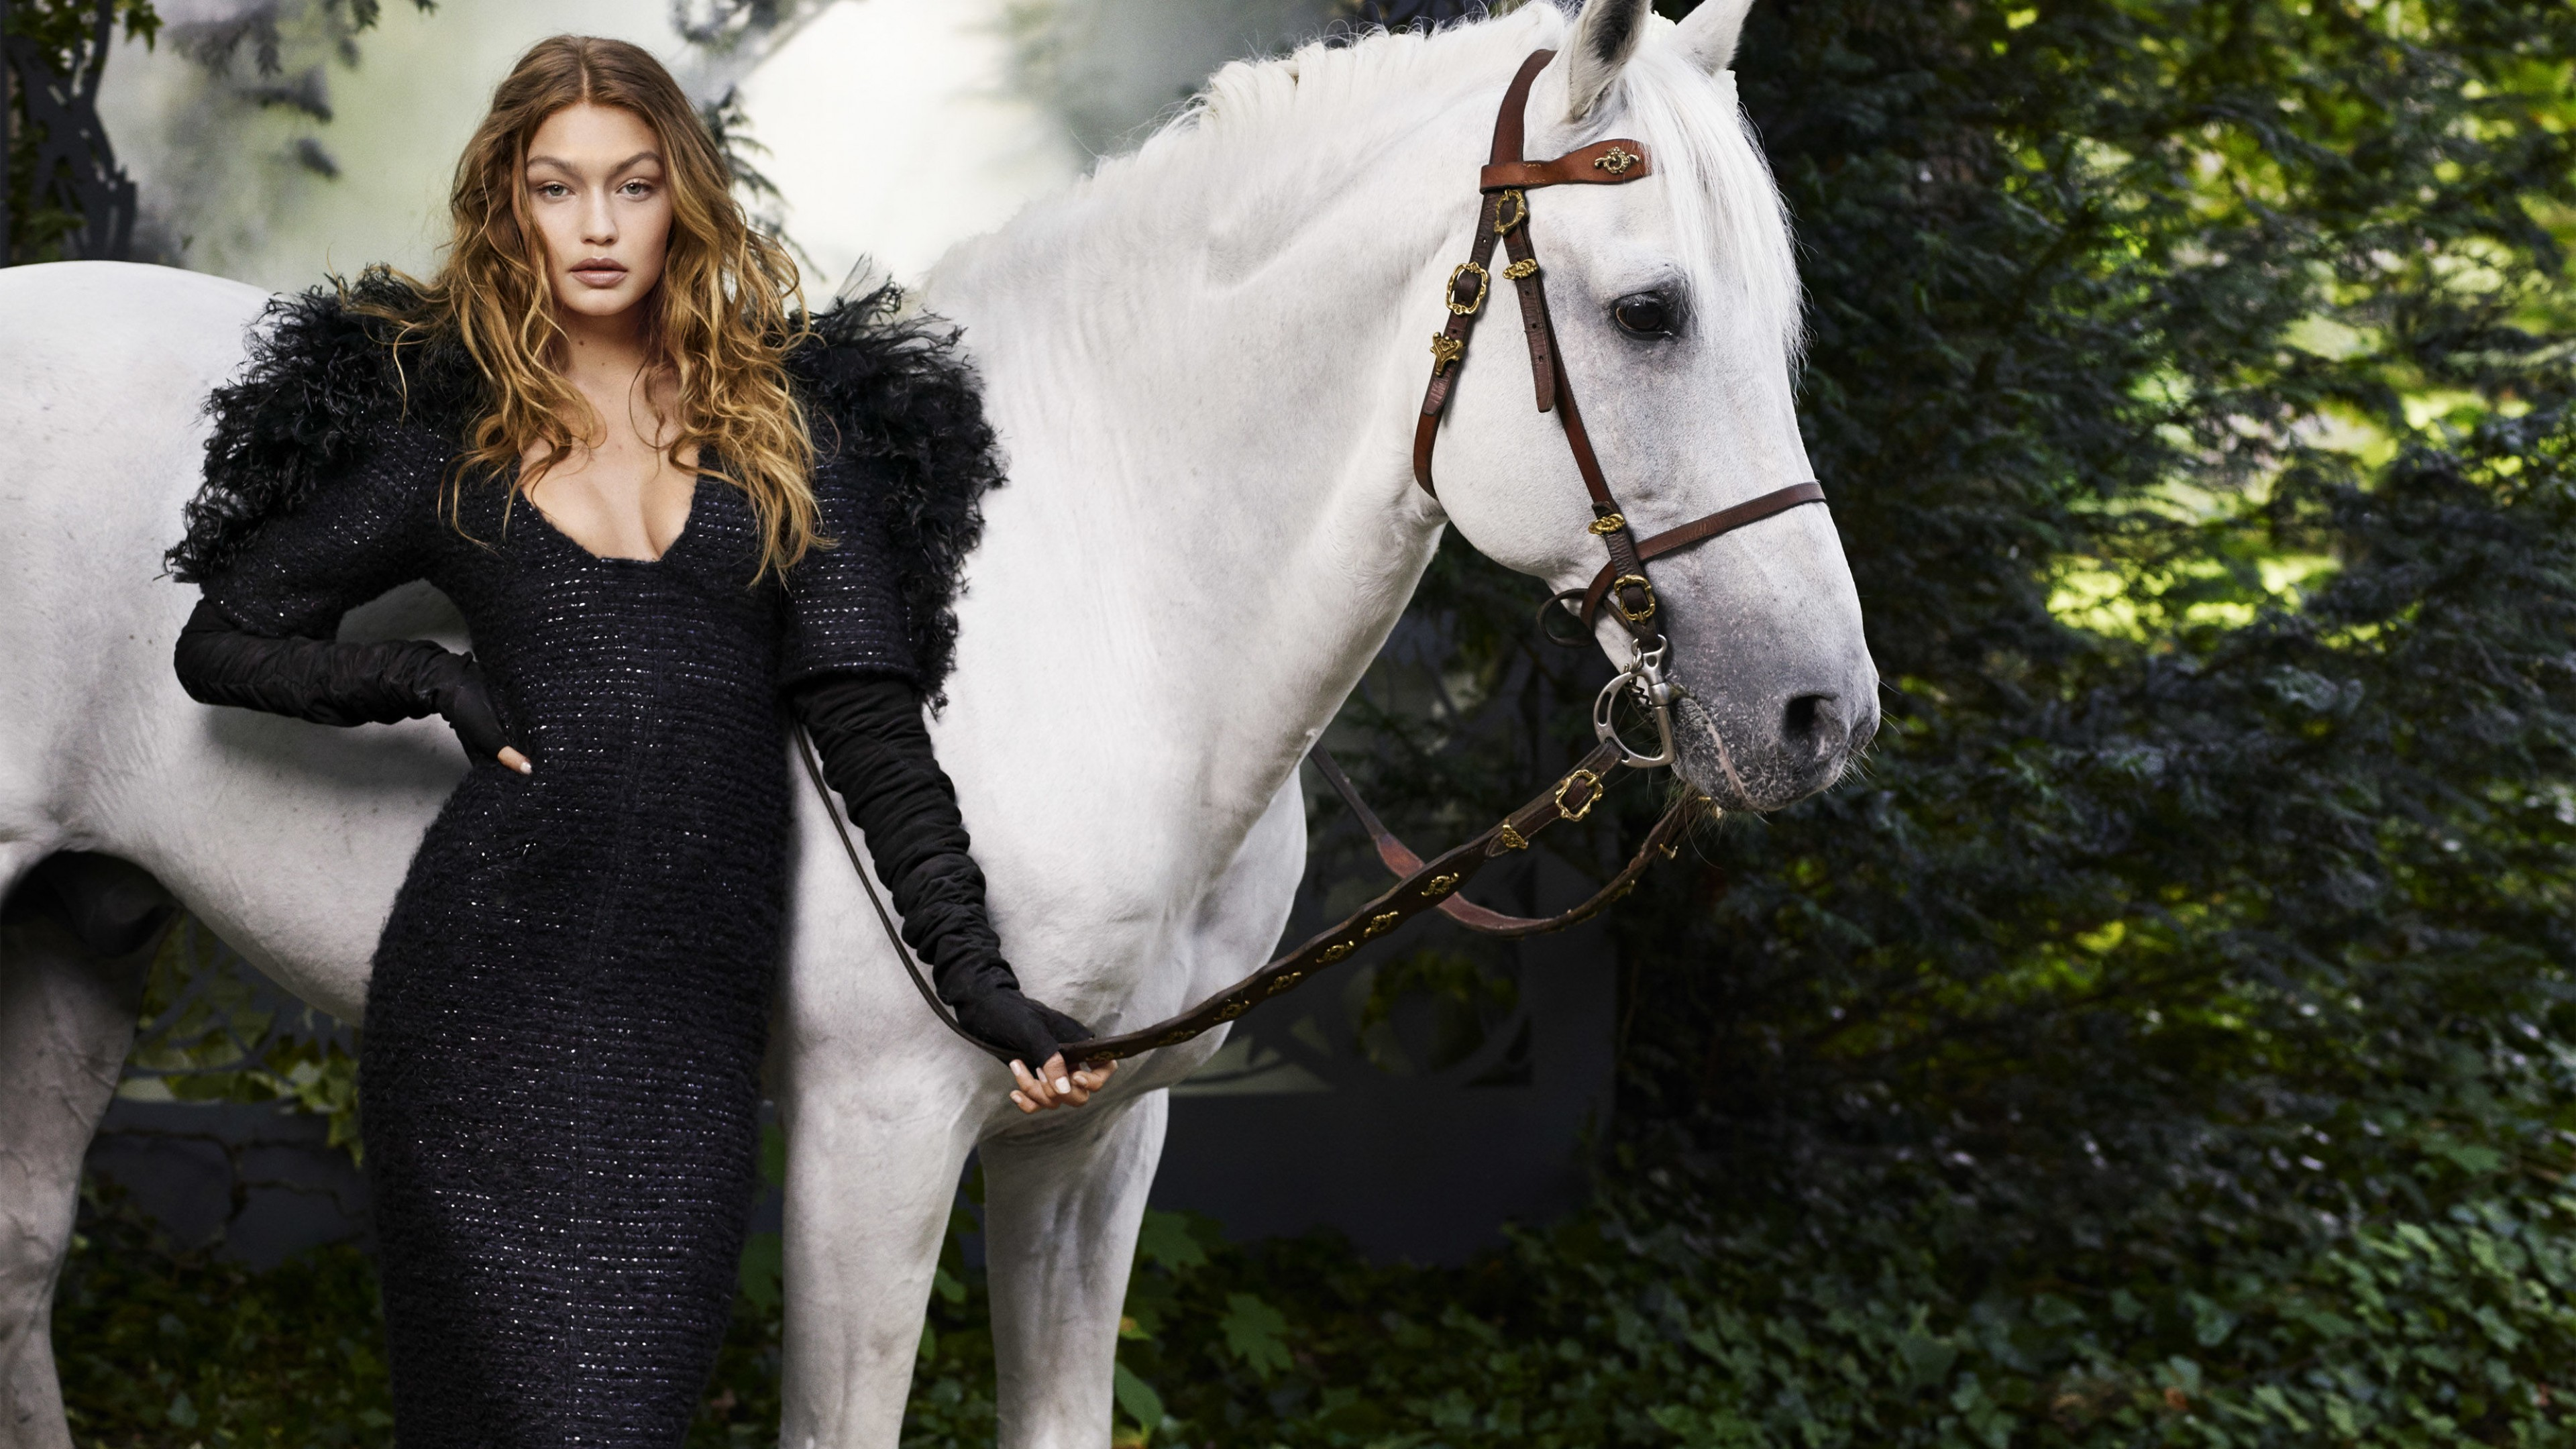 Блондинка в роскошном черном платье на фоне белоснежной лошади